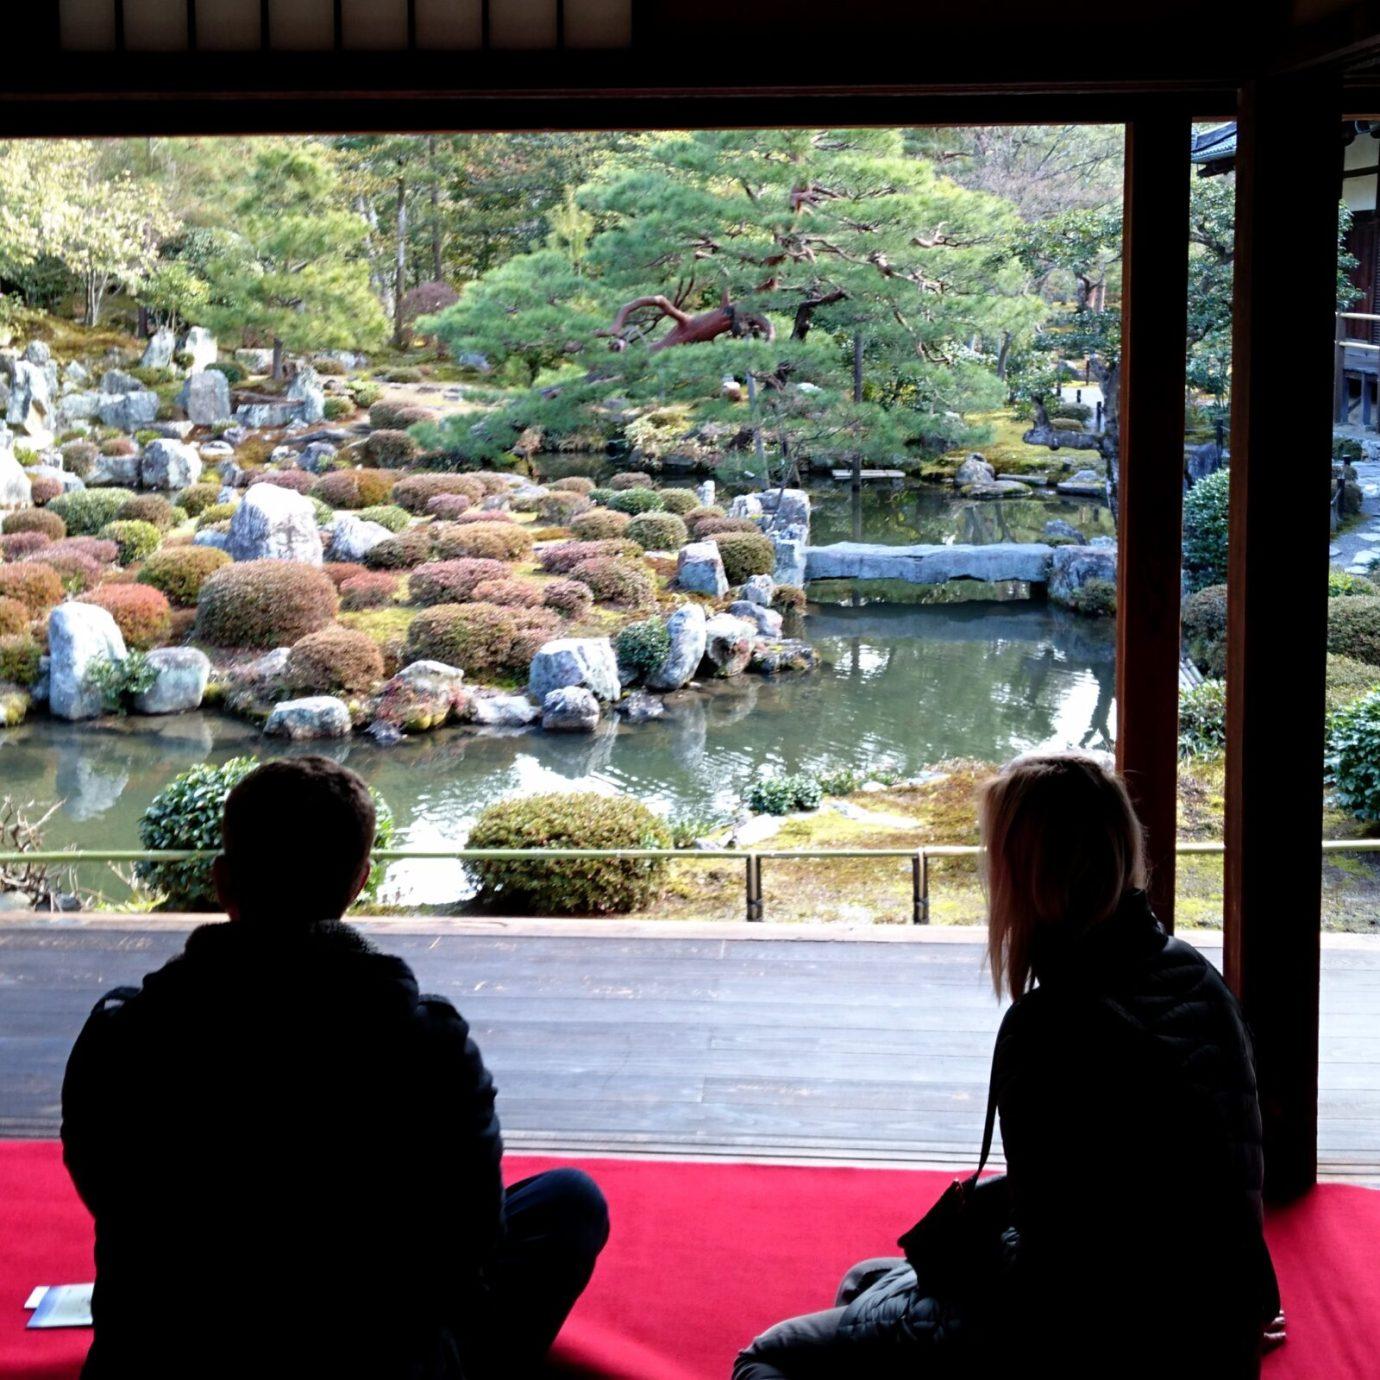 Garden at Toji, Kyoto